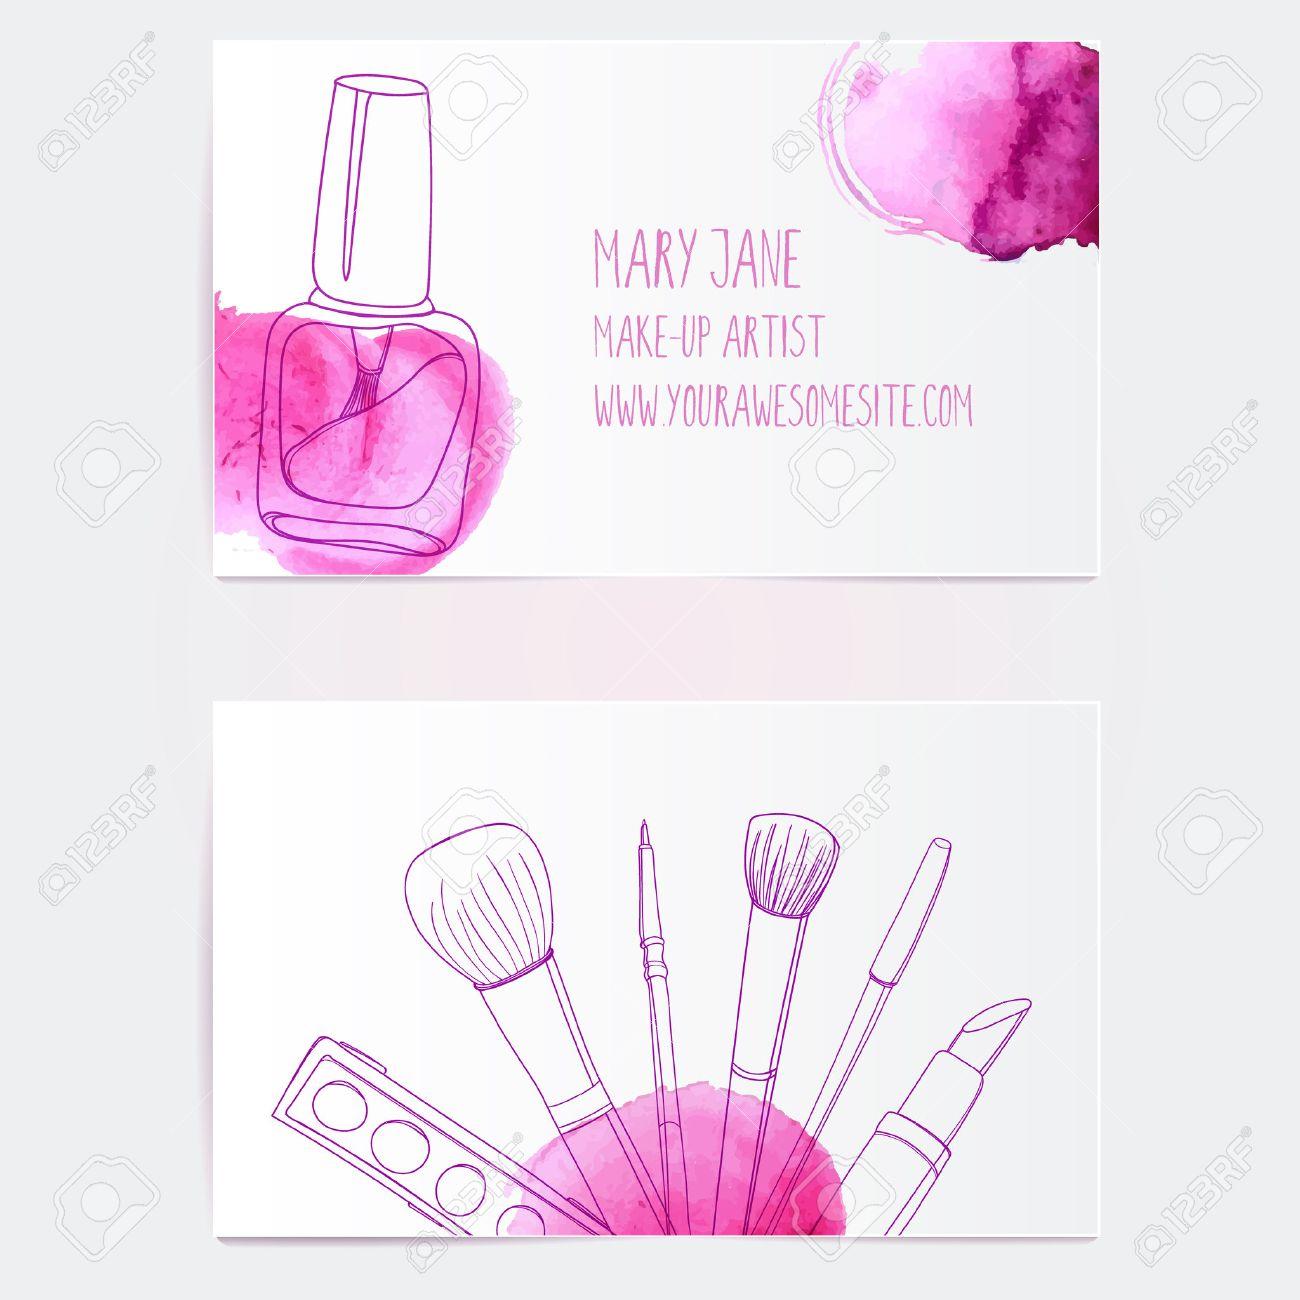 Maquillage Modele Artiste Carte De Visite Vecteur Mise En Page Avec Illustrations Dessinees A La Main Vernis Ongles Le Tube Brosse